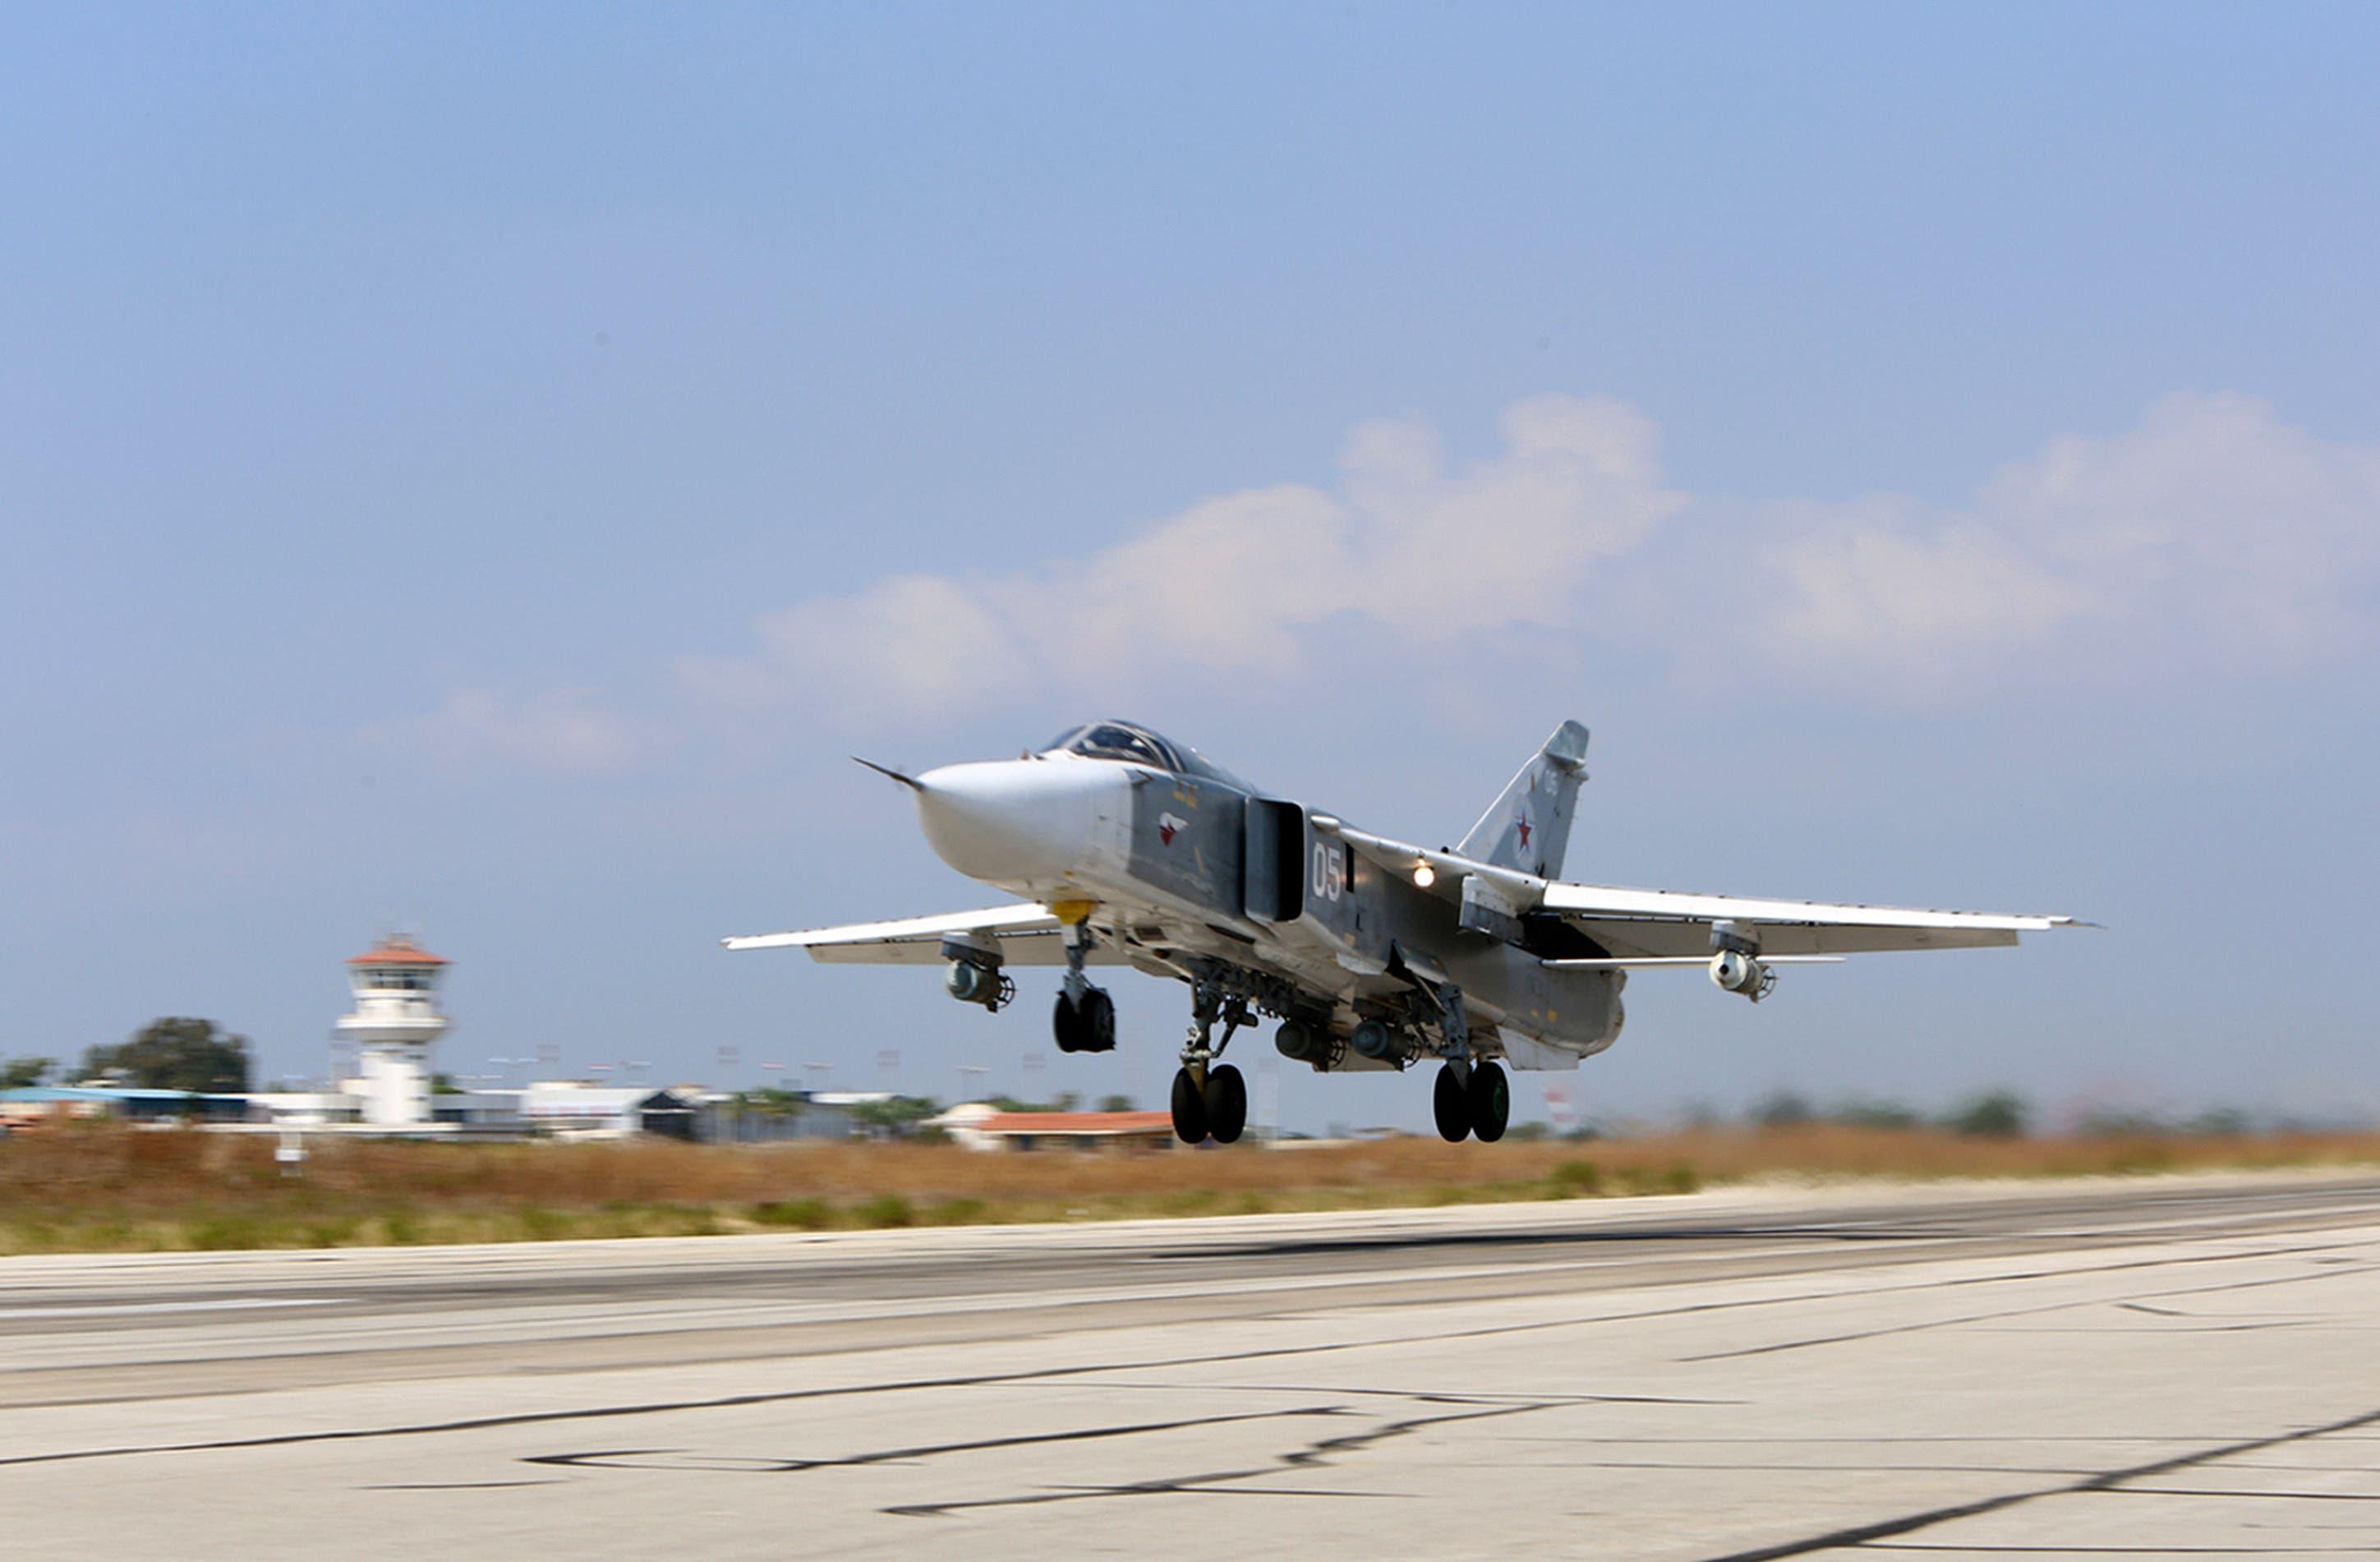 مقاتلة روسية تقلع من قاعدة سورية